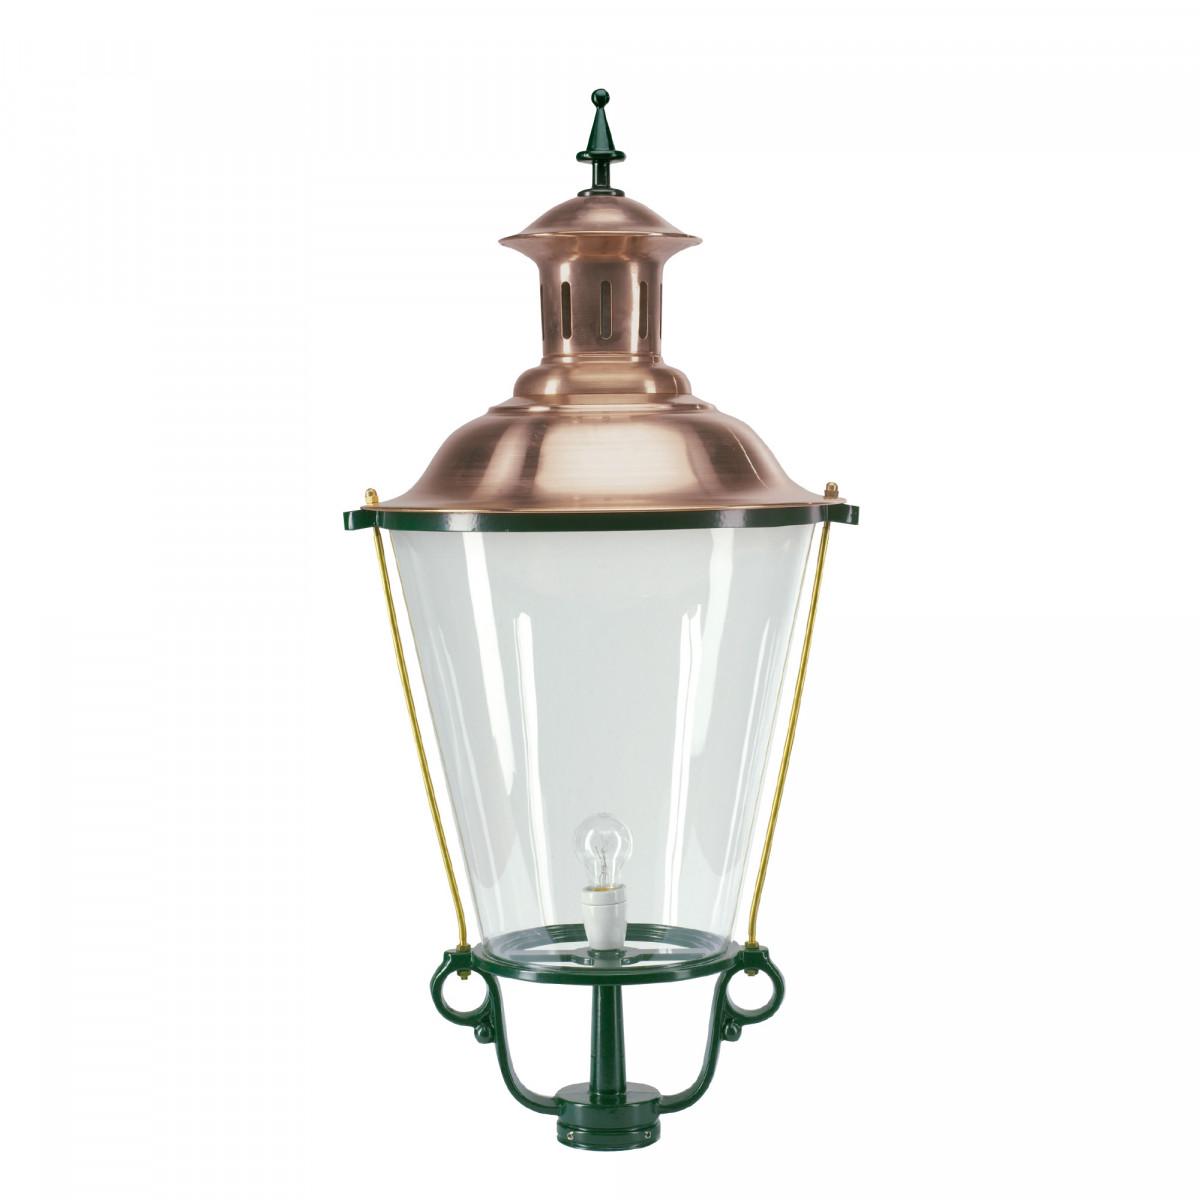 Kunststof glas K2 (5804) - KS Verlichting - Lampkappen & glazen